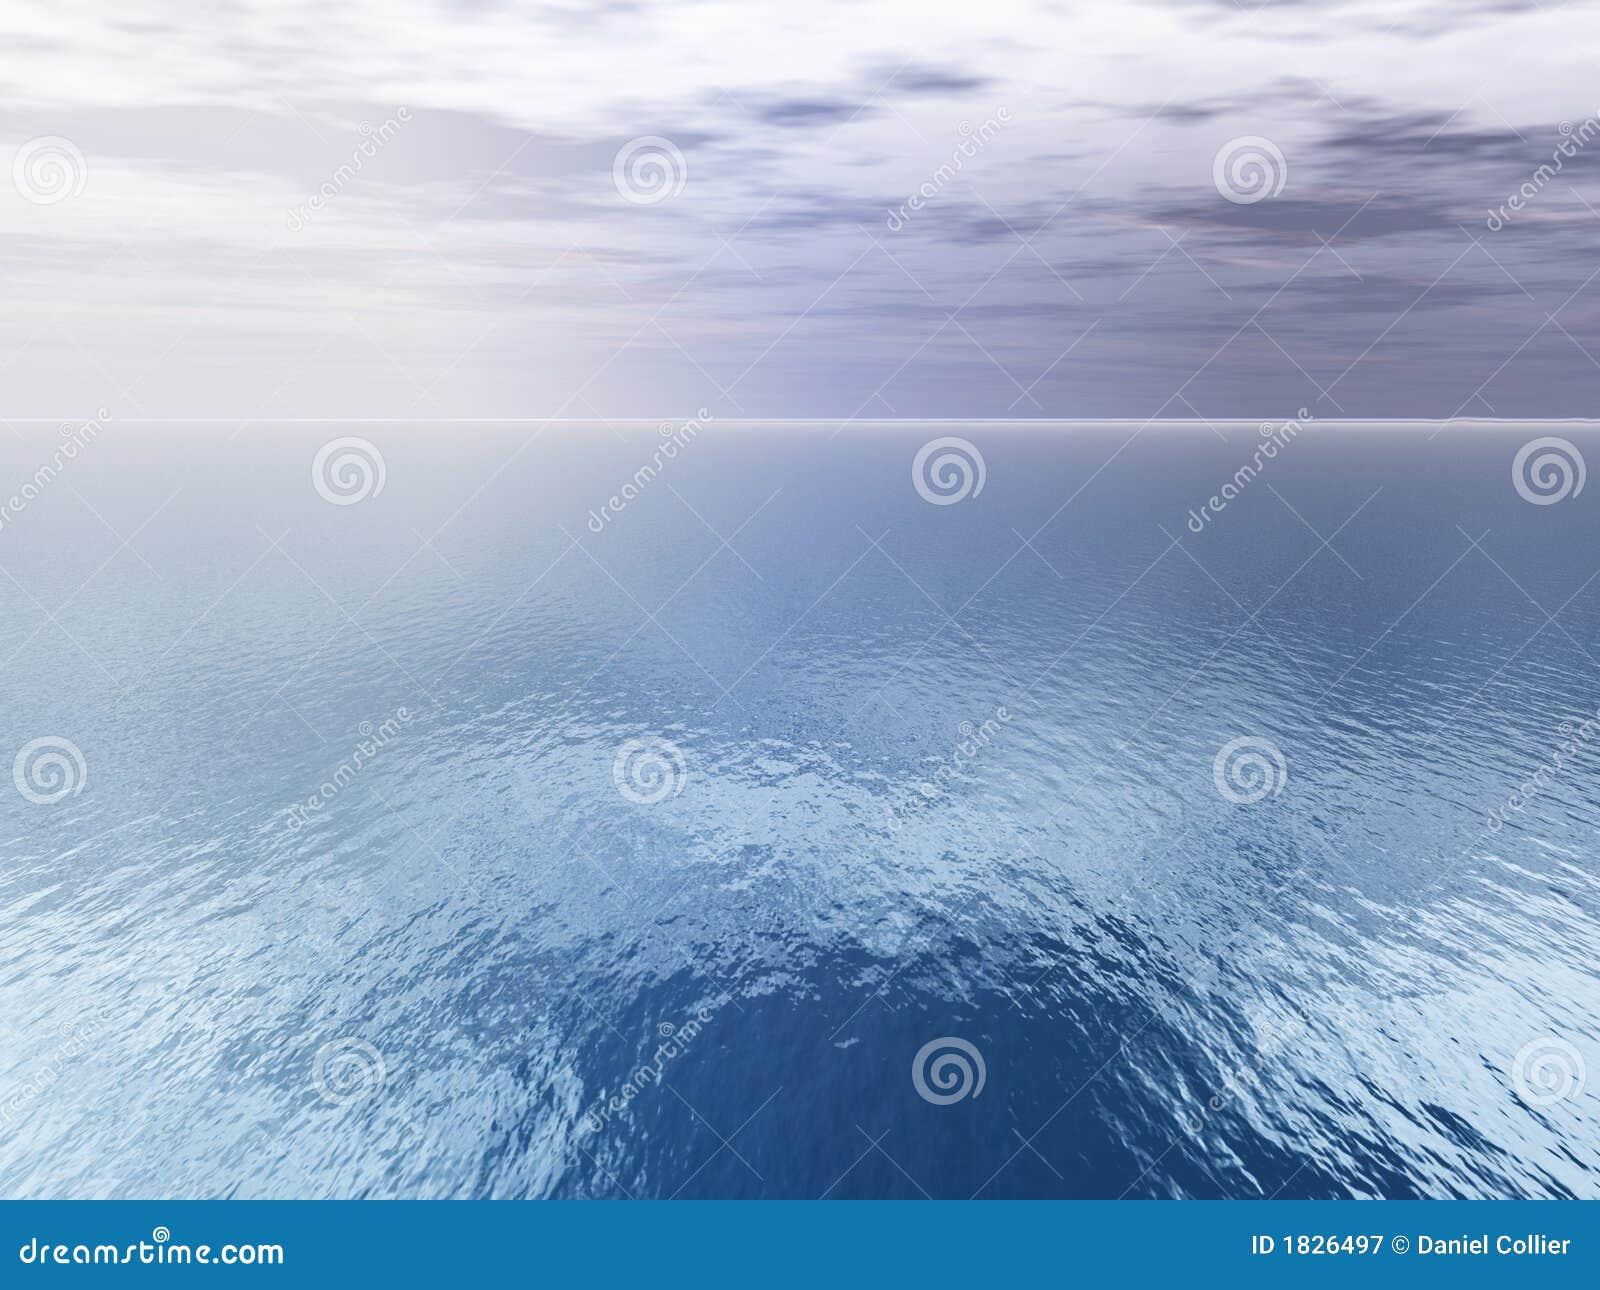 Antena chmury nad widokiem na morze